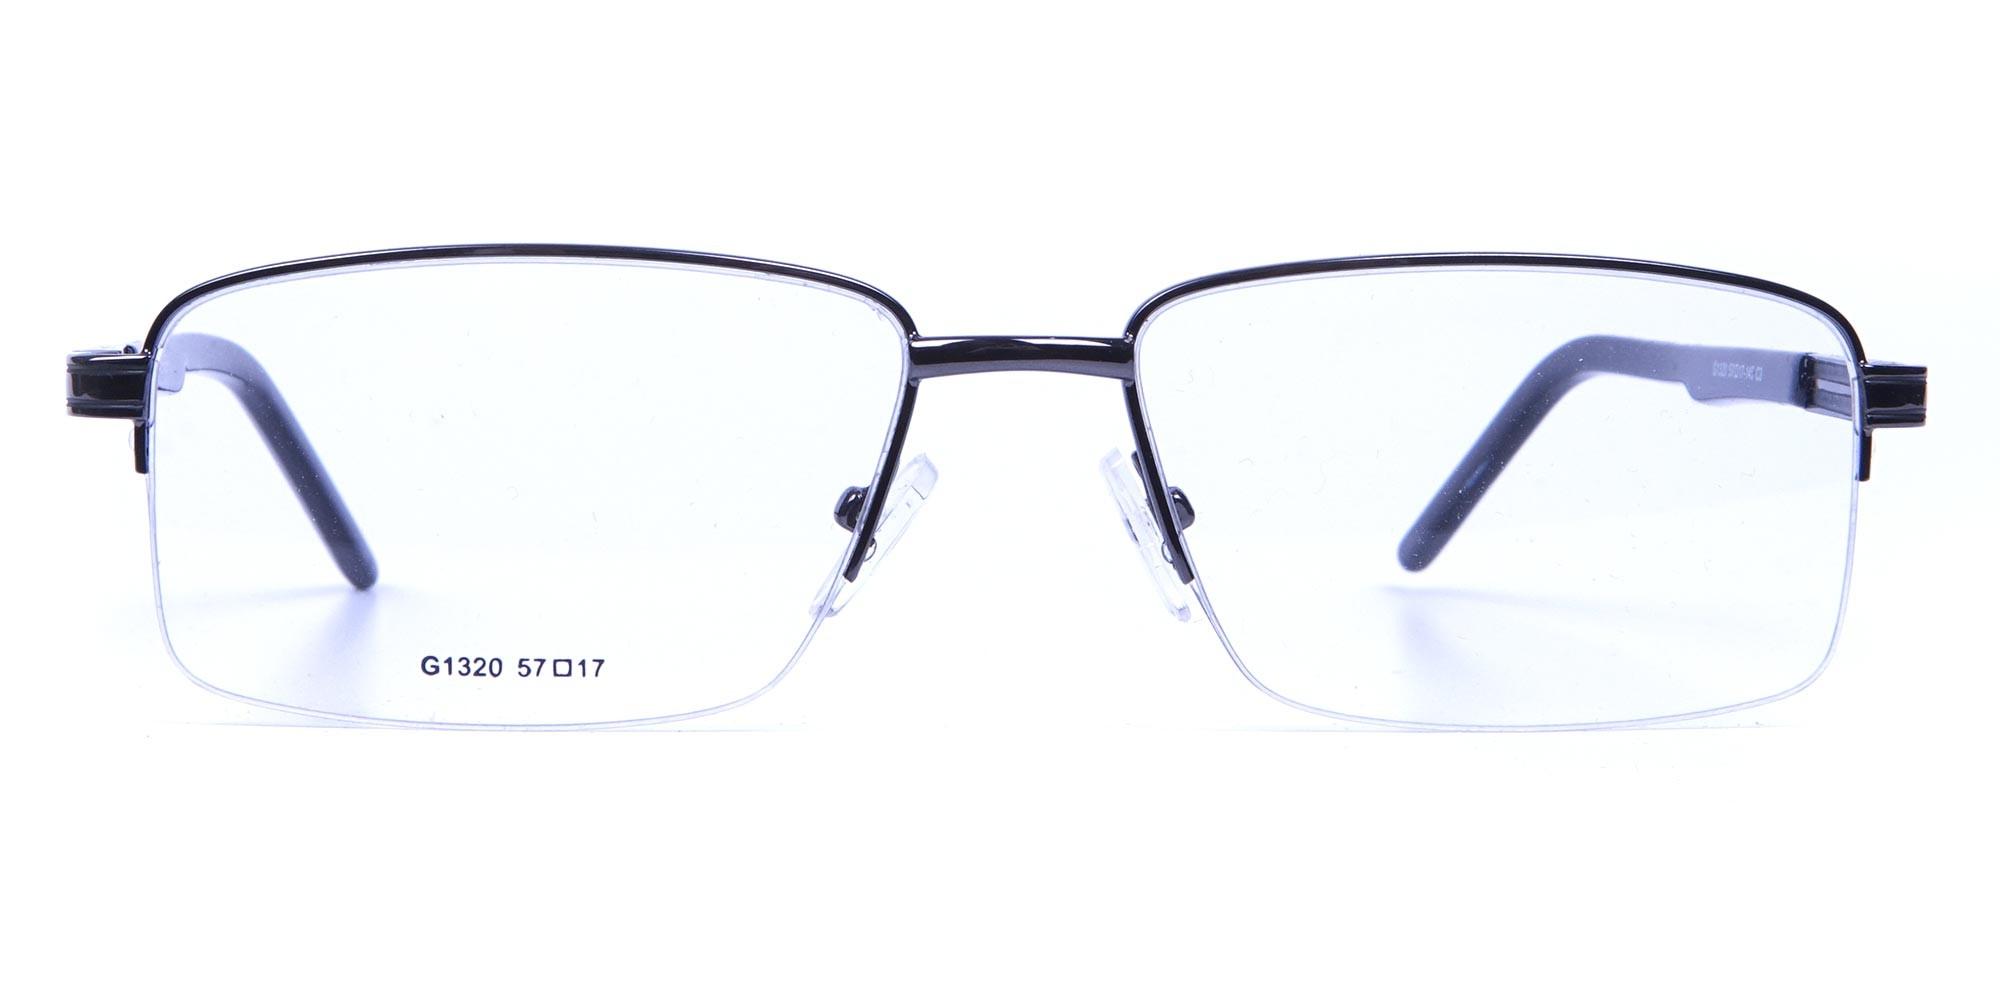 Rectangular Glasses in Gunmetal for Men & Women - 1